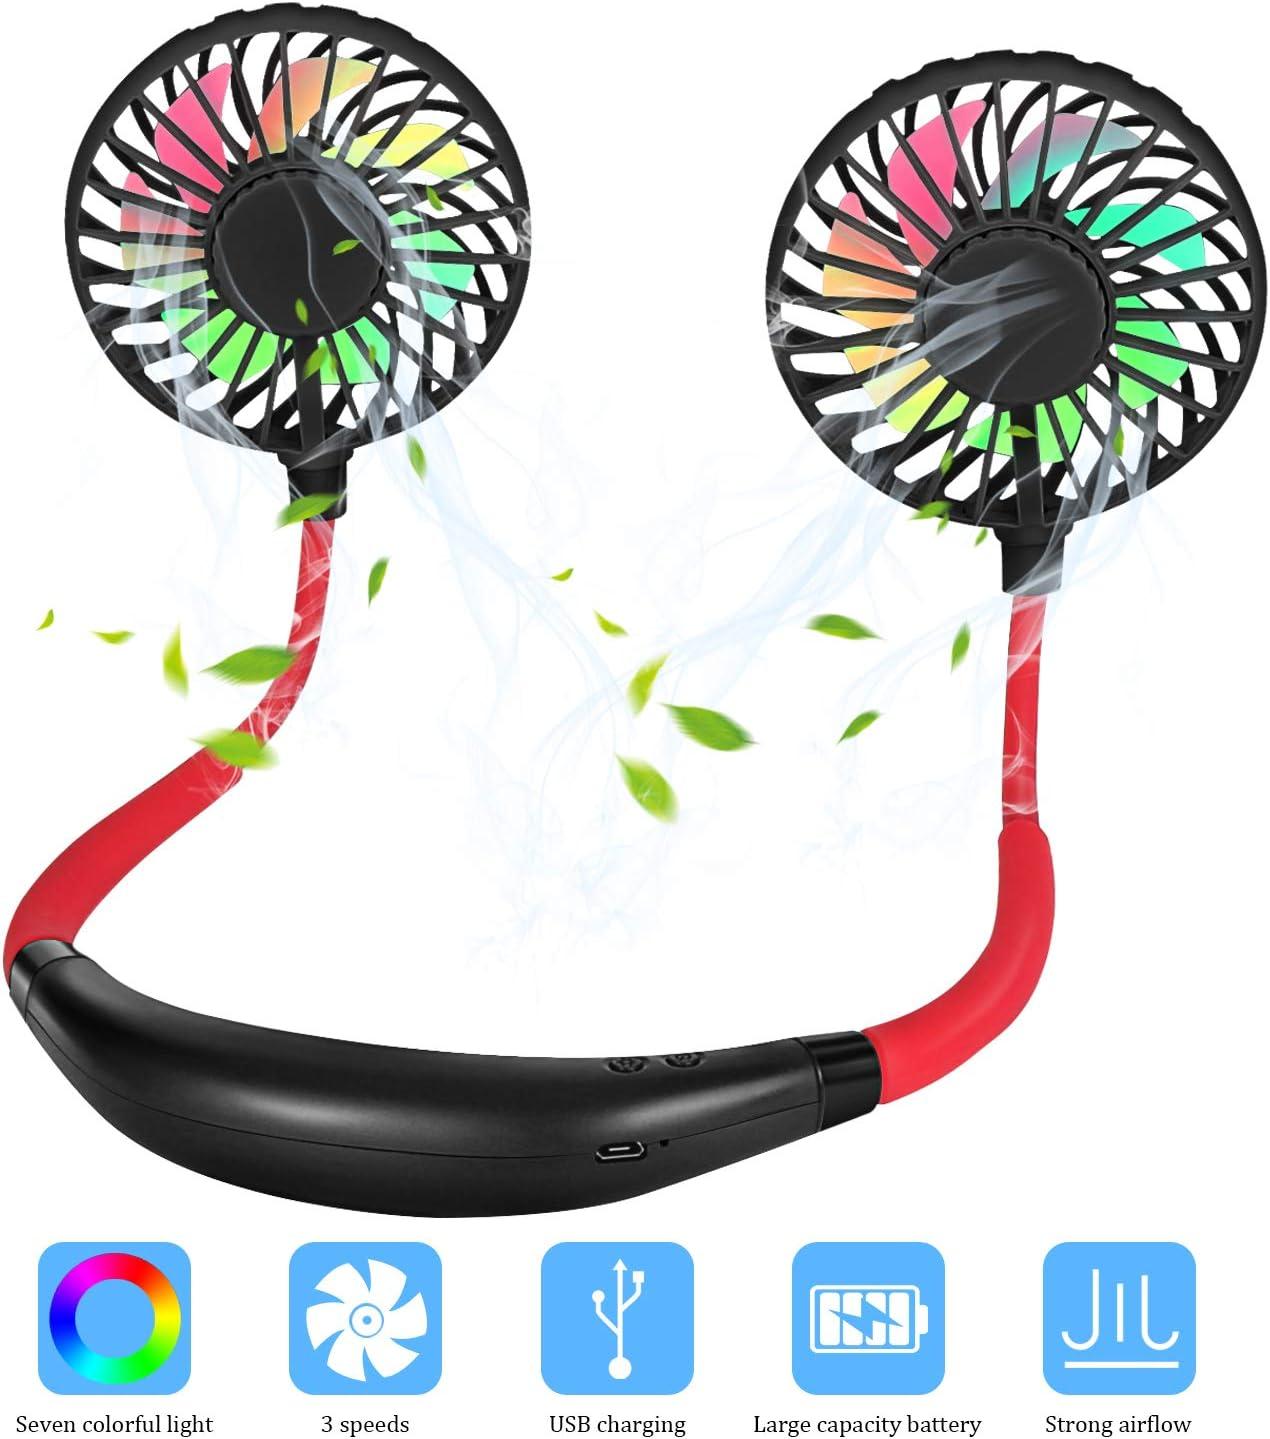 Redmoo Ventilador USB para el Cuello Manos Libres Recargable portátil 2 Cabezas Ajustables, 3 velocidades de Viento, Ventilador USB para oficinas al Aire Libre Negro ...